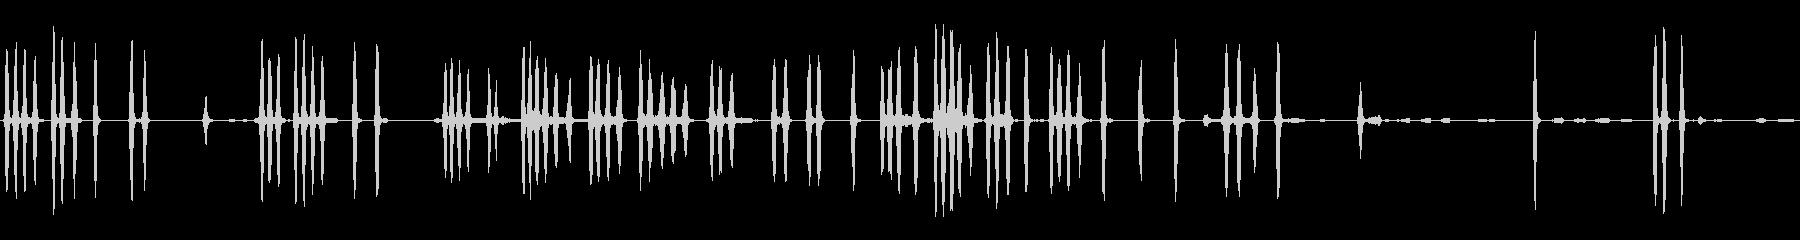 大型攻撃犬:犬の鳴き声、うなり声、泣き言の未再生の波形